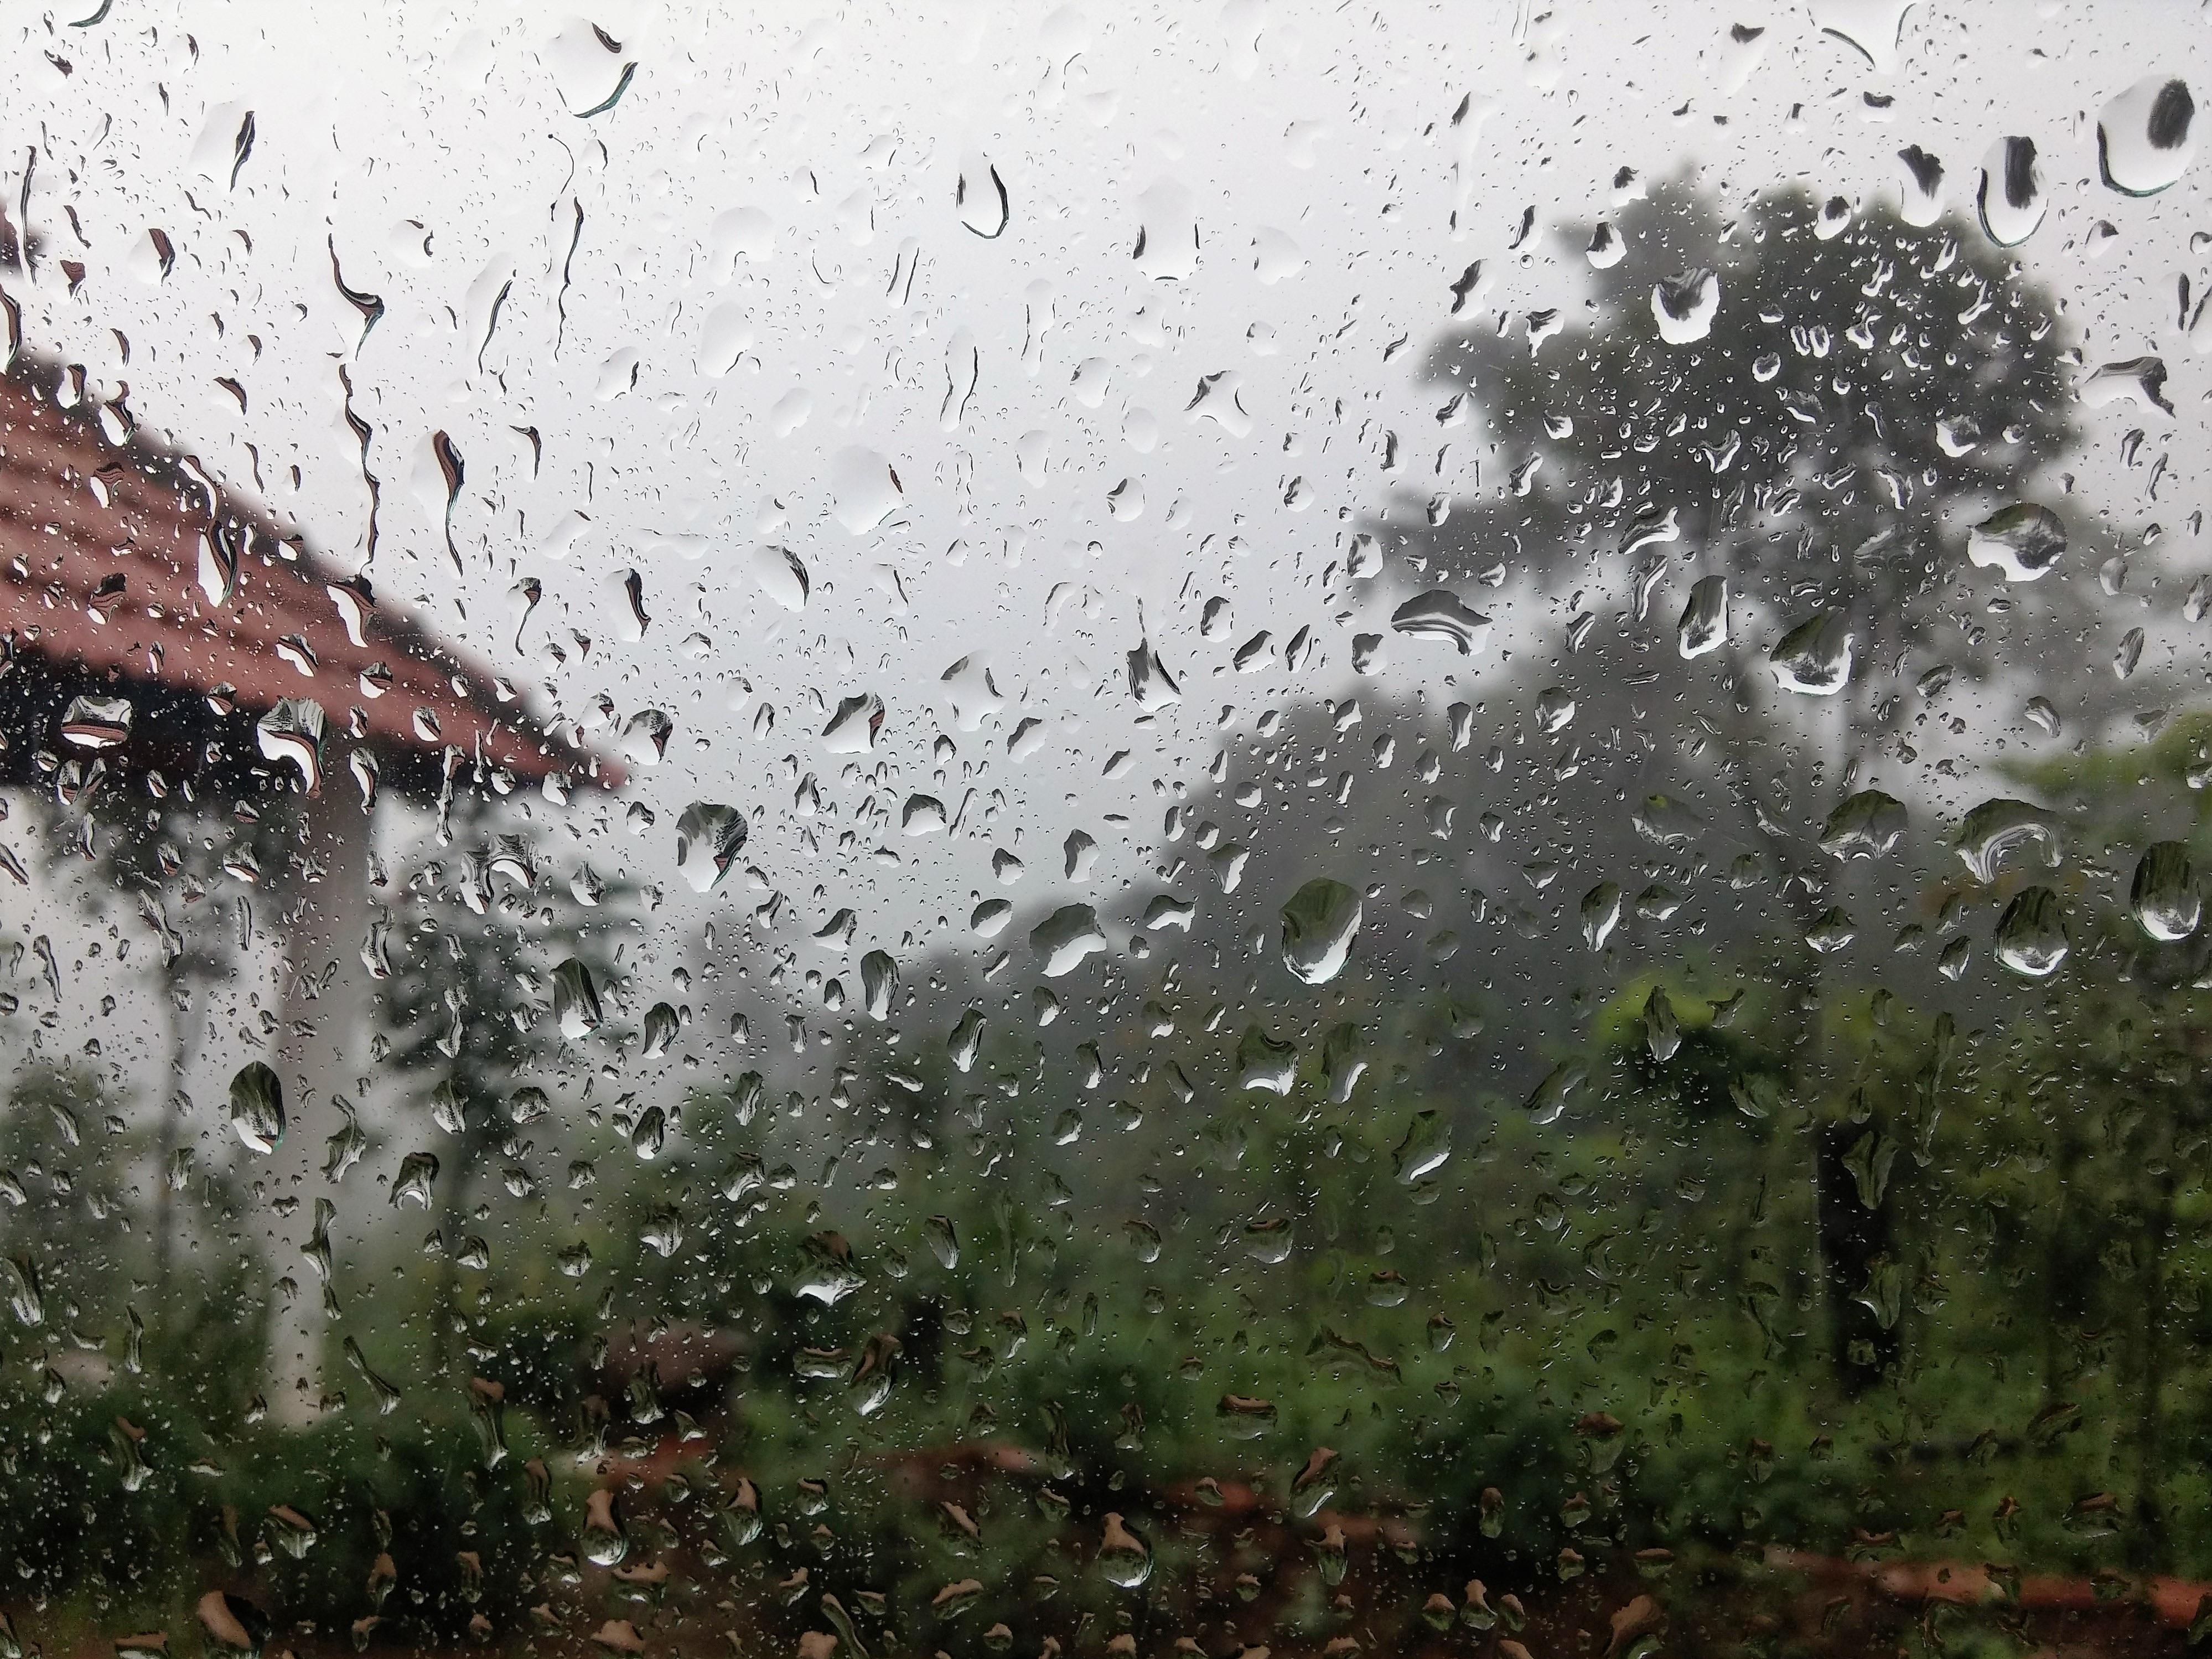 западе картинки пасмурная погода дождь оперативные группы